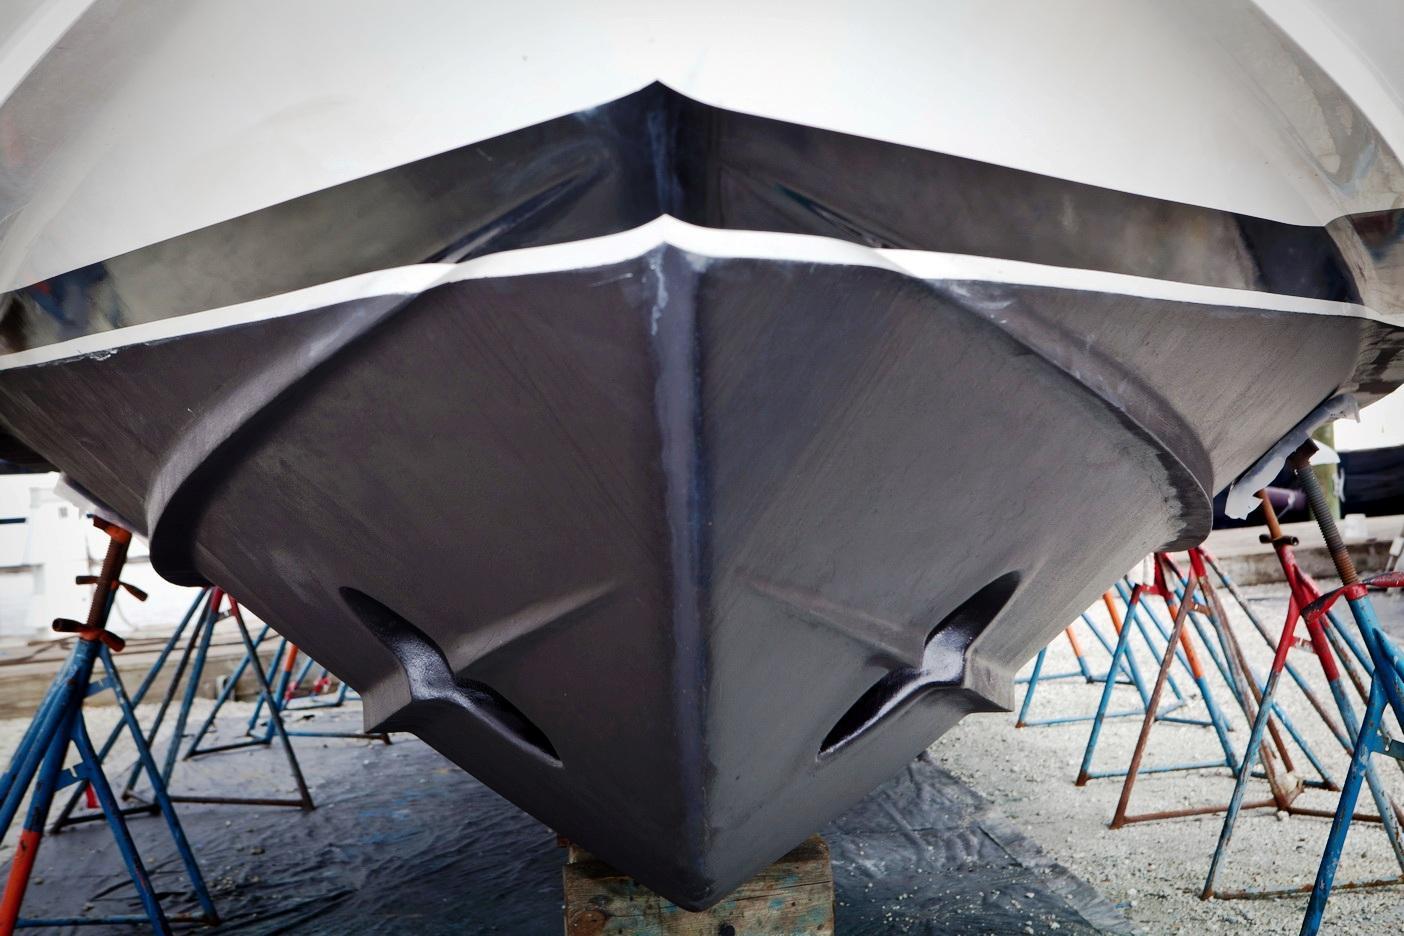 Gulf Craft Hull Out